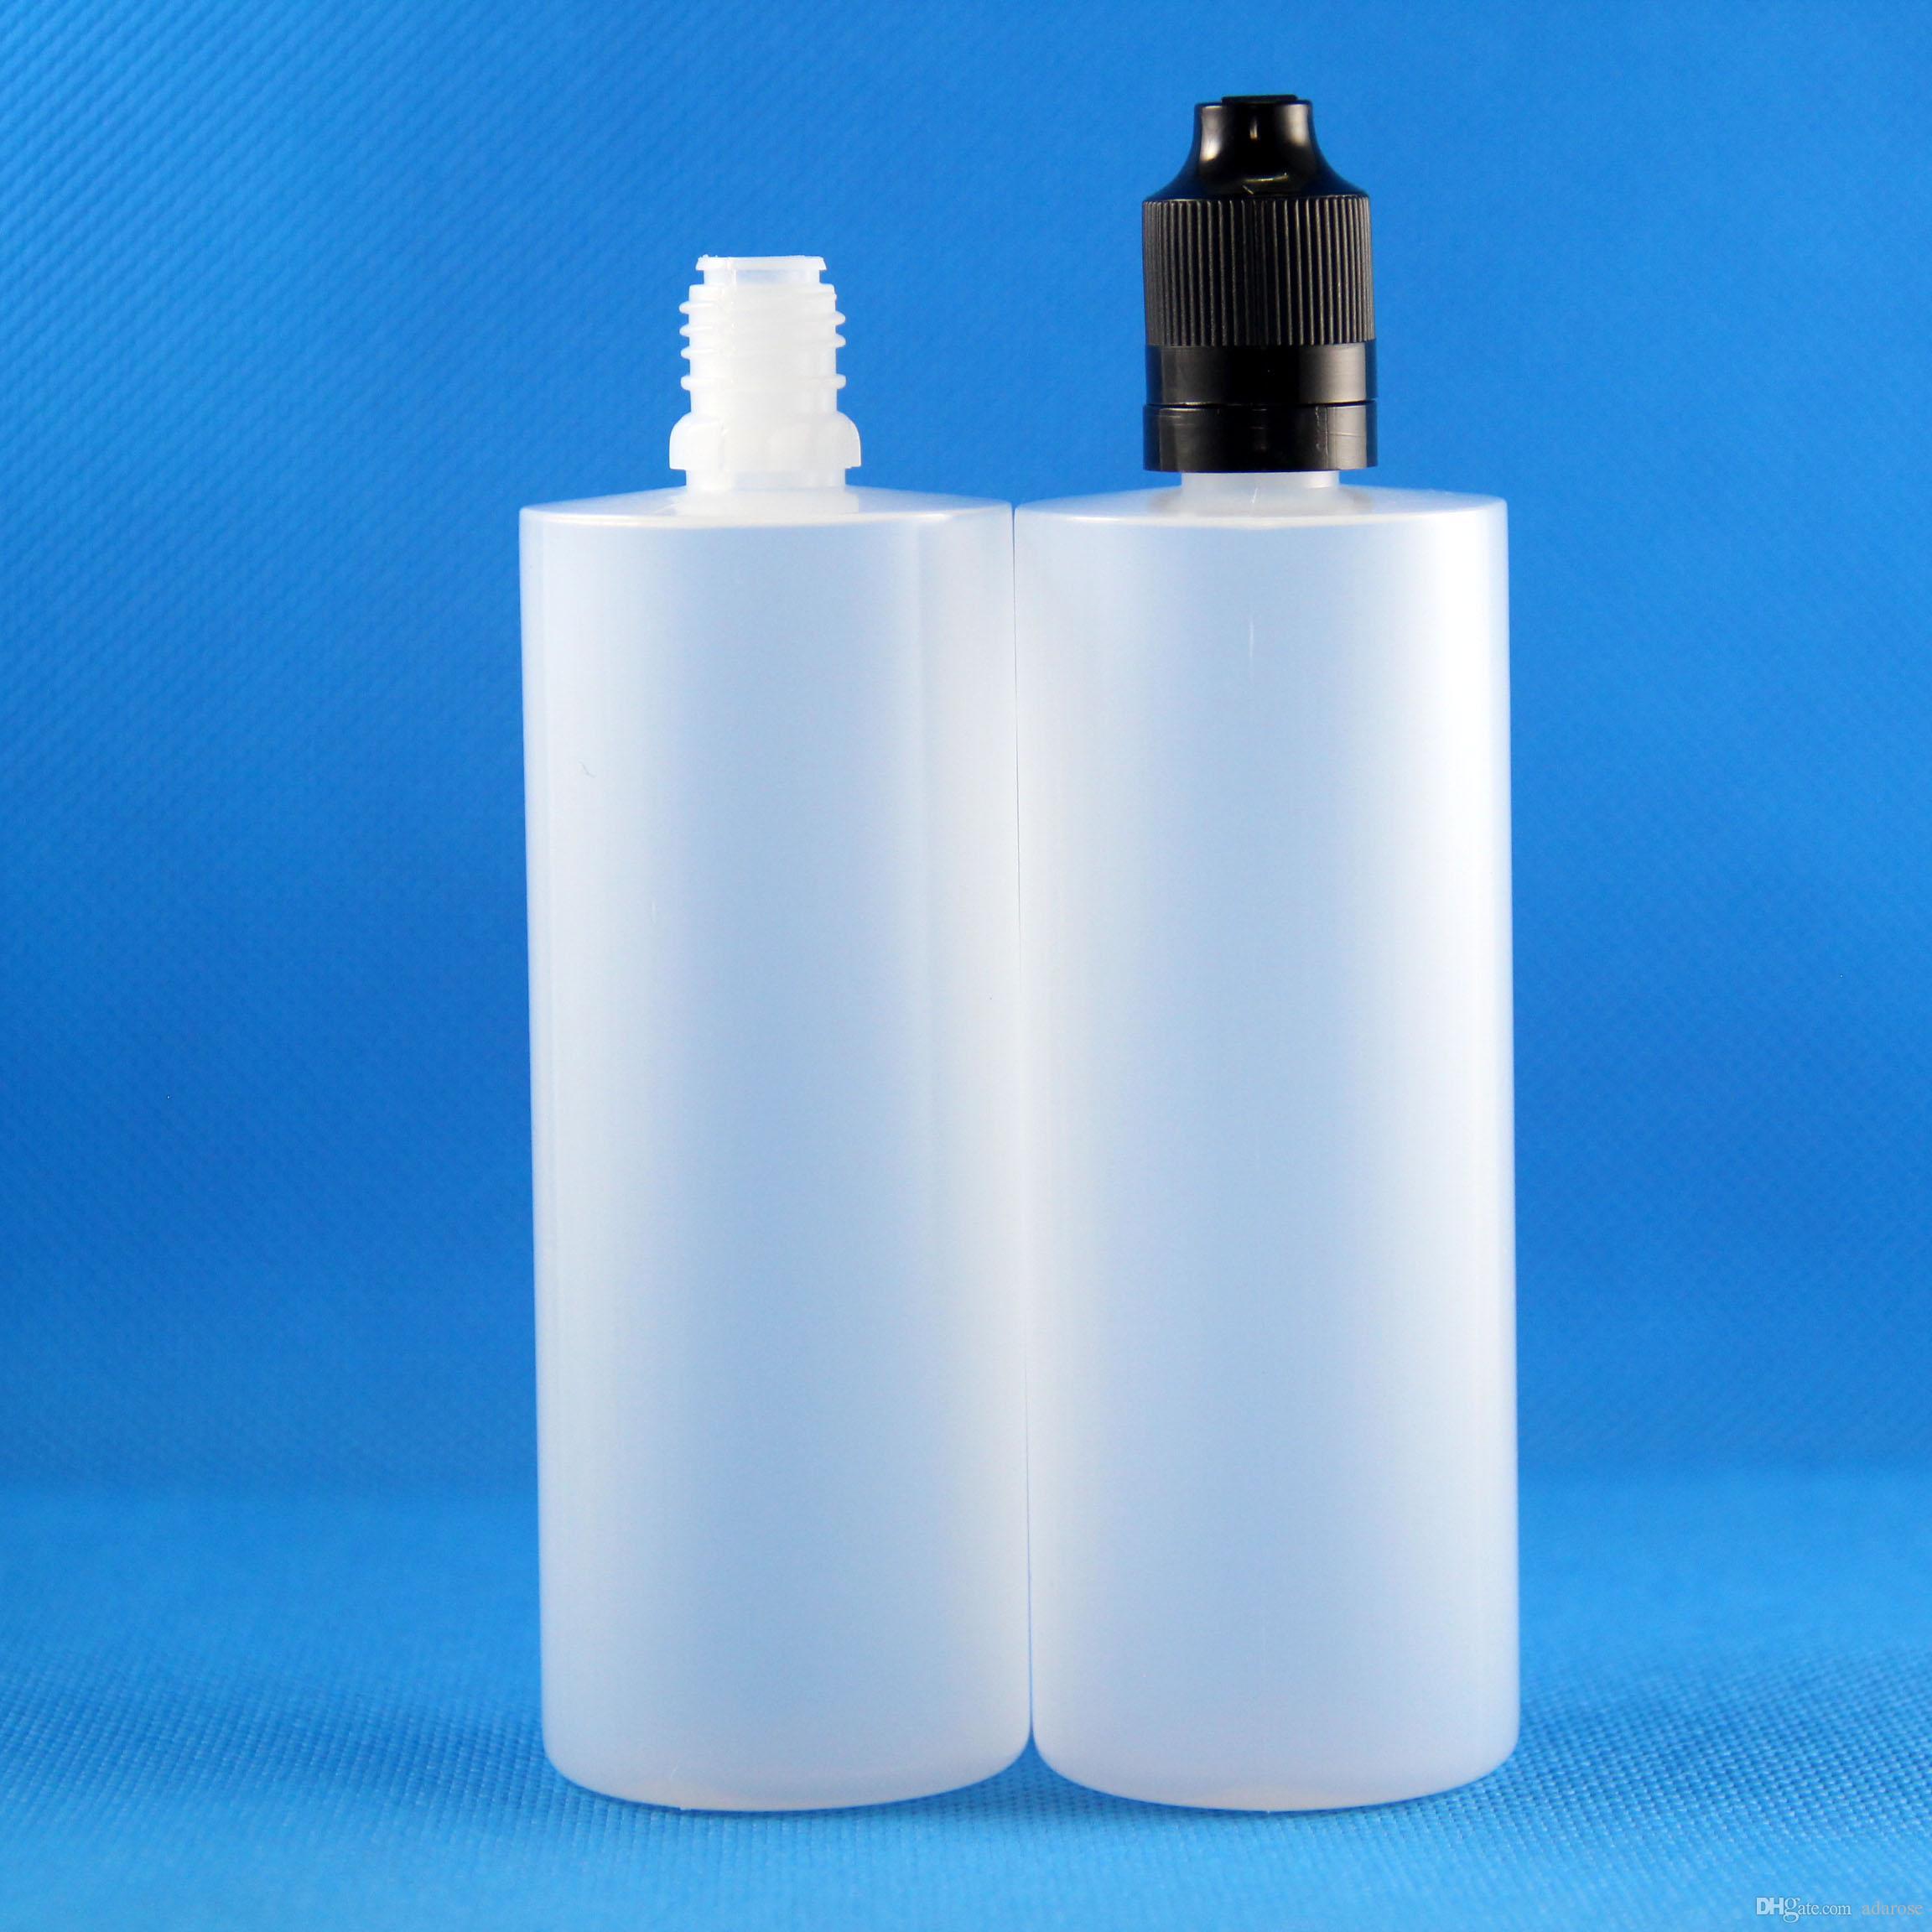 120 ml 100 parça LDPE plastik damlalıklı şişeler çift geçirmez kapaklar ile yarı saydam buhar sıkılabilir maç beyaz yeşil siyah renk kapak